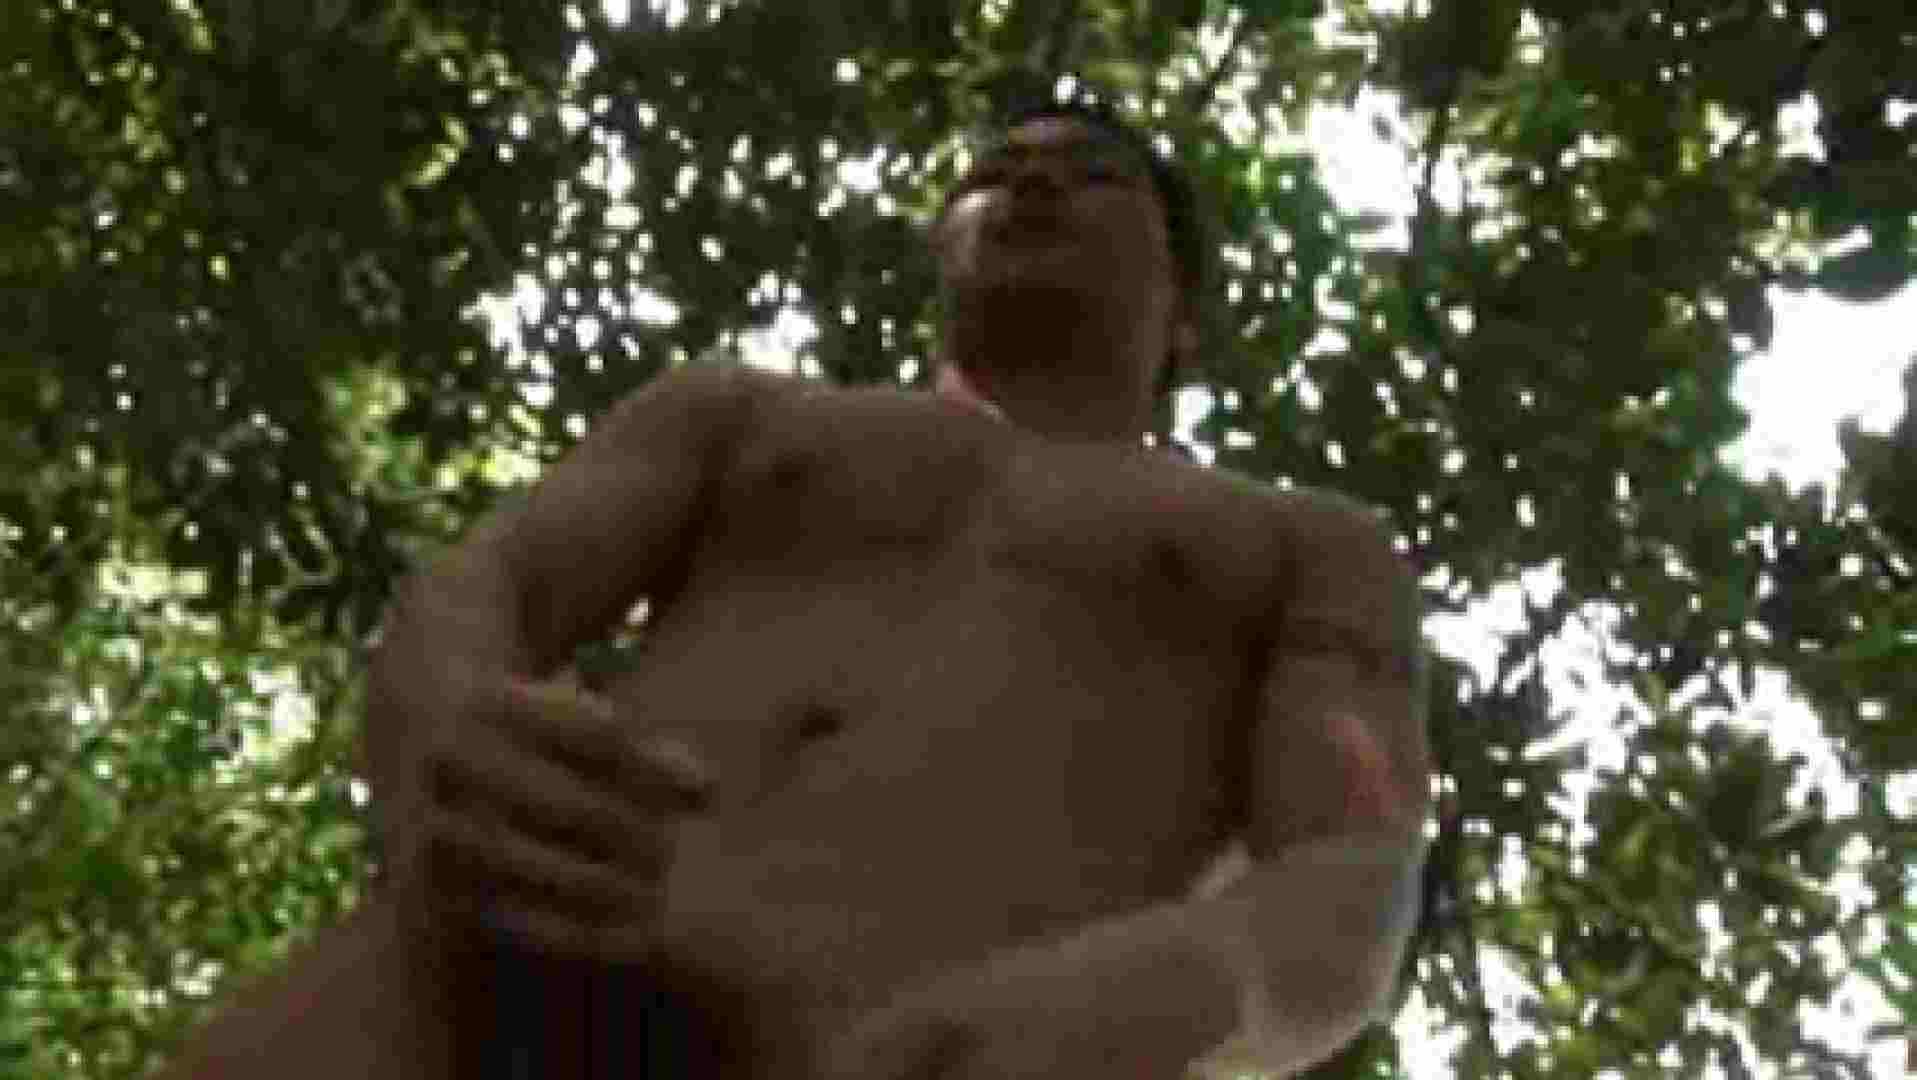 イケメン!!炸裂 Muscle  Stick!! その1 イケメンのセックス | 企画  15枚 11